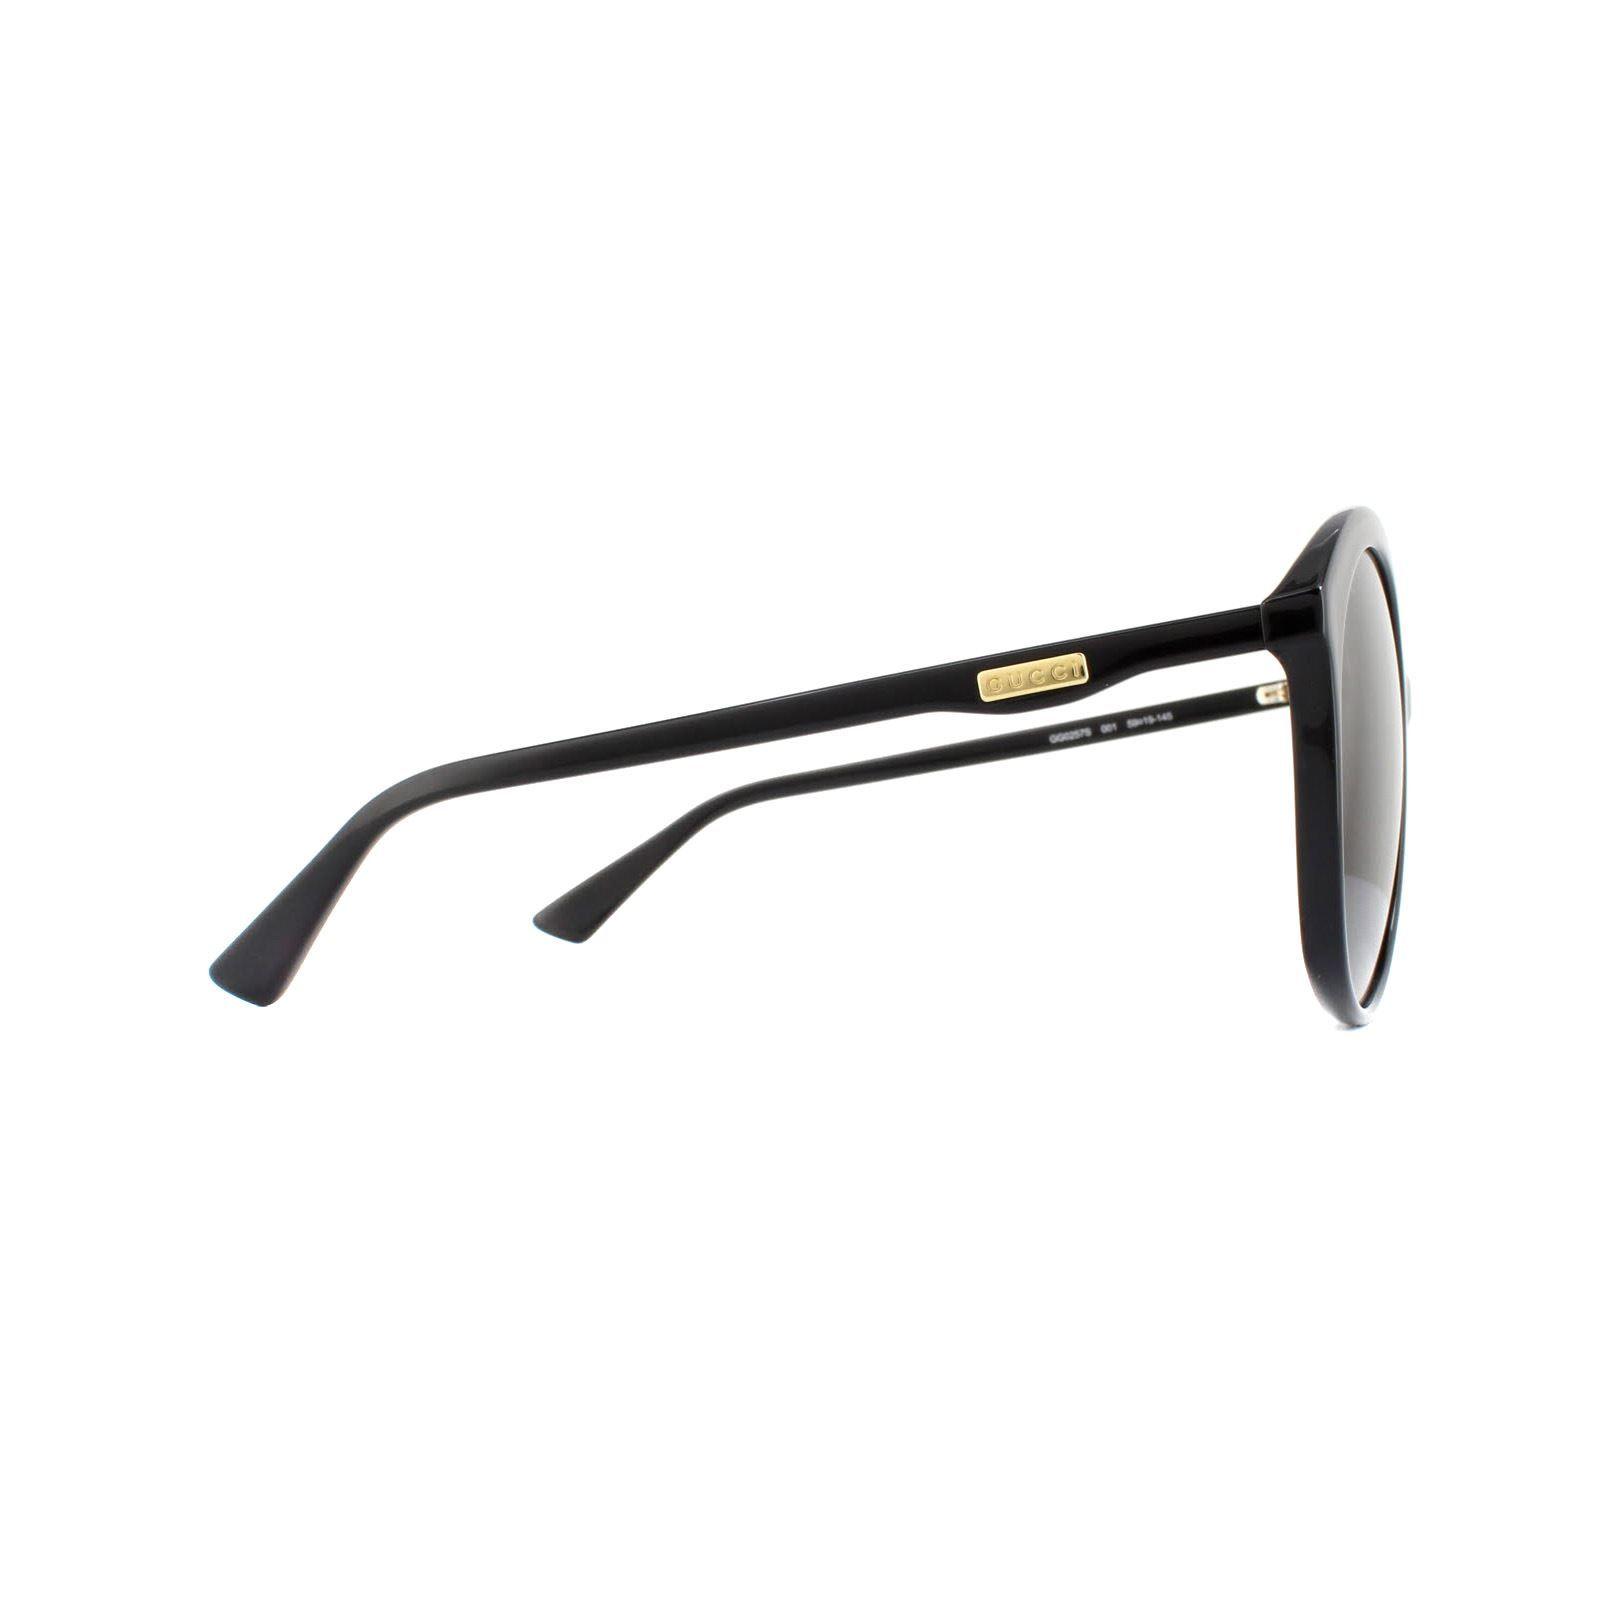 Gucci Sunglasses GG0257S 001 Black Grey